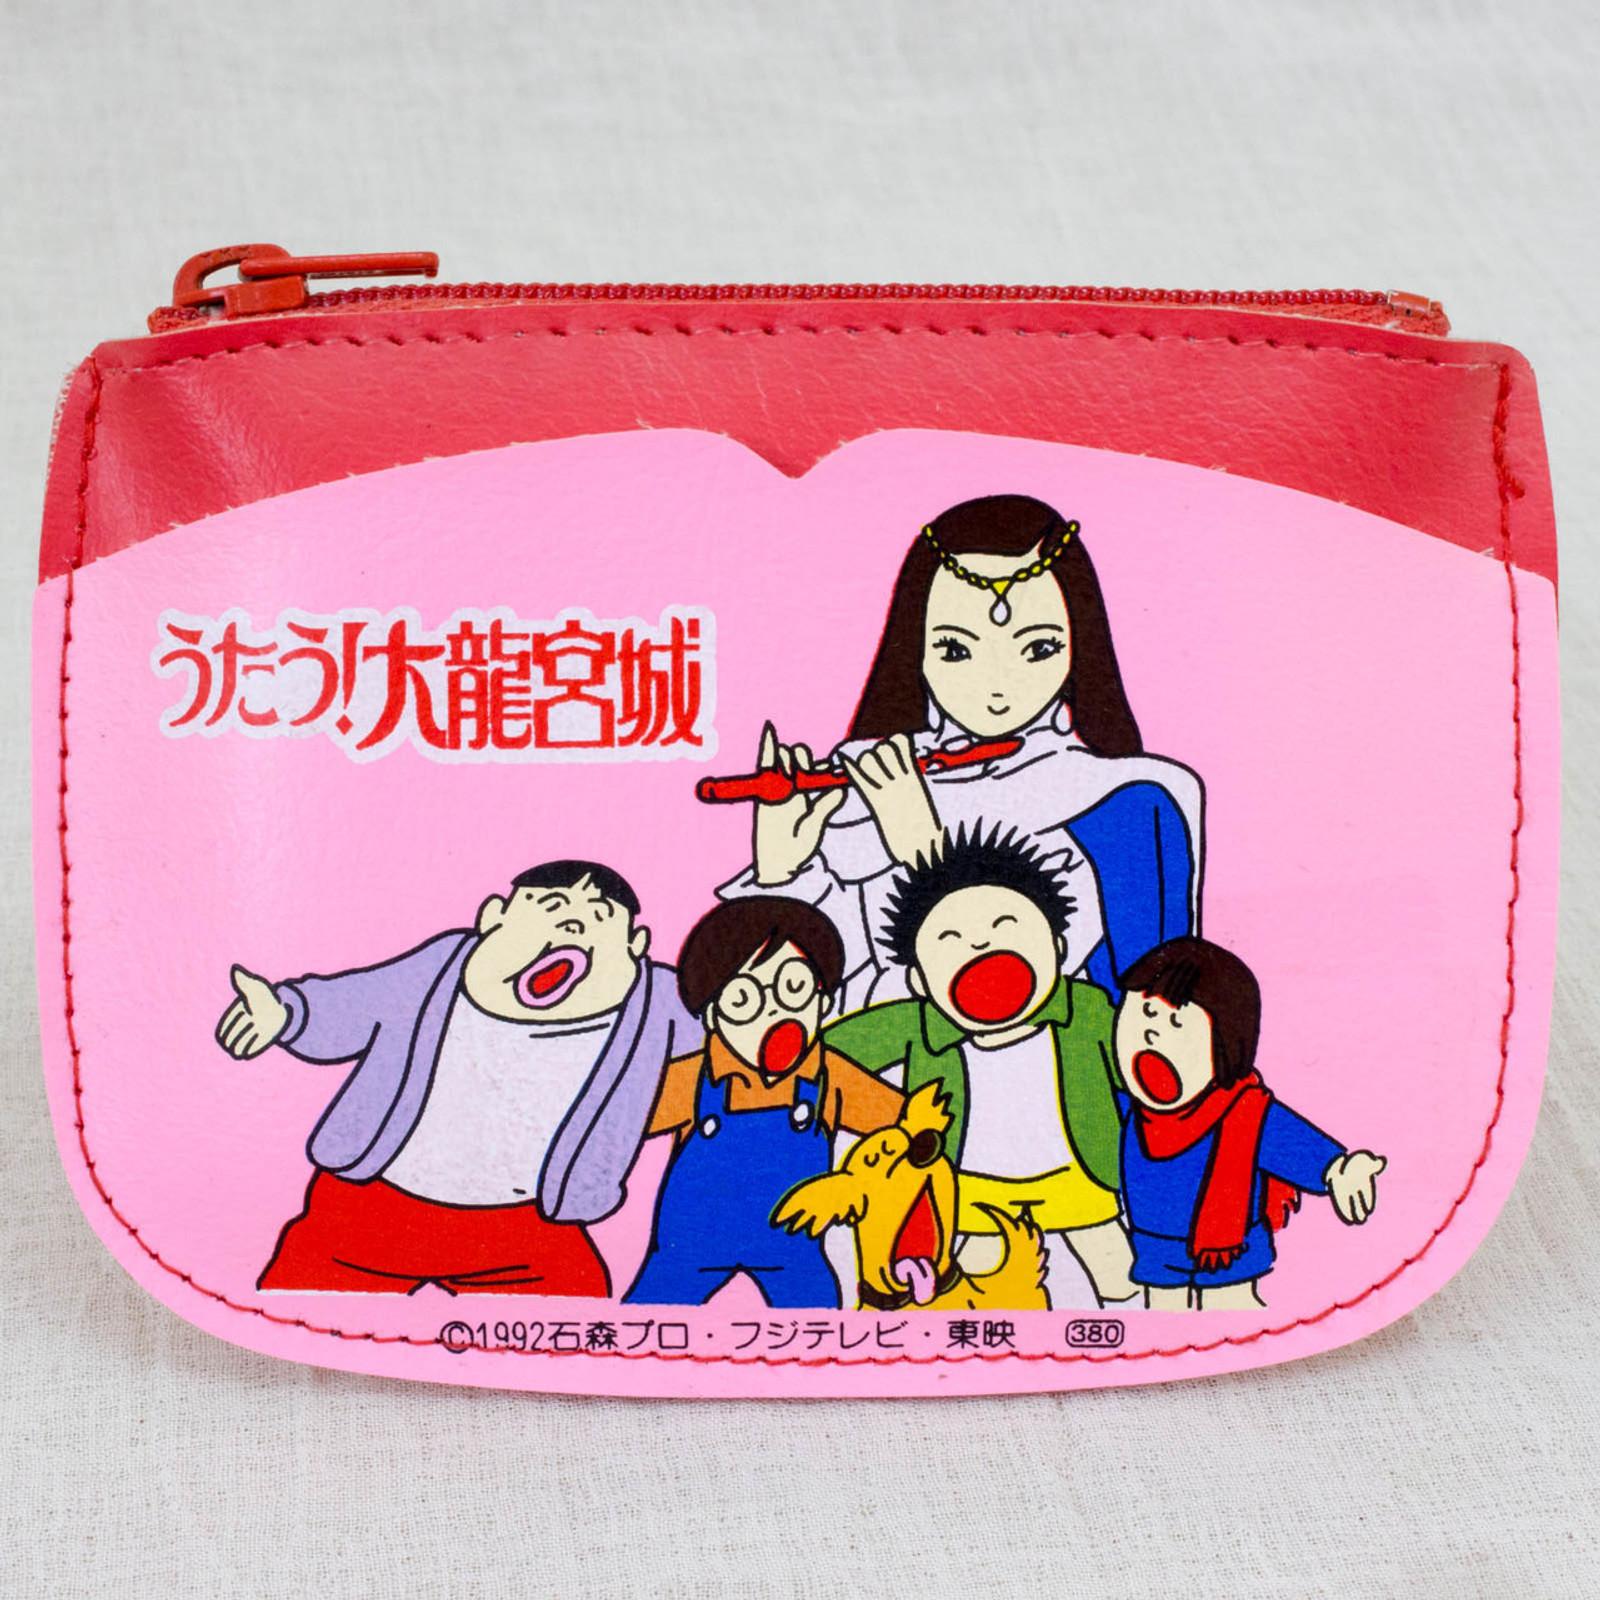 Utau! Dairyugujo Coin Case Pink Ver. JAPAN ANIME SHOTARO ISHINOMORI  2